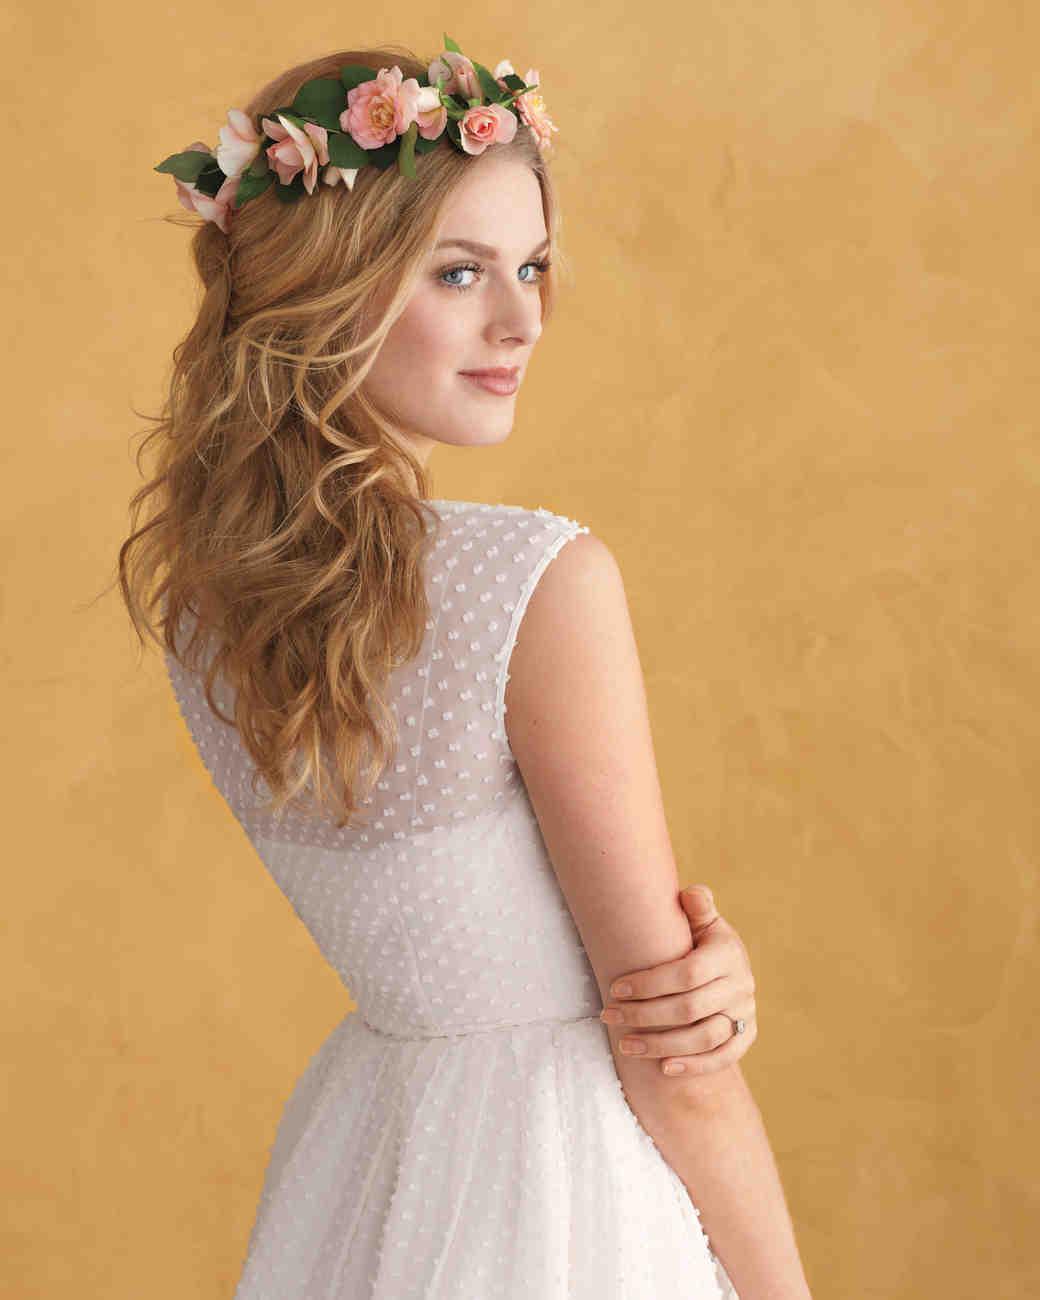 Terrific Floral Wedding Hairstyles Martha Stewart Weddings Short Hairstyles Gunalazisus